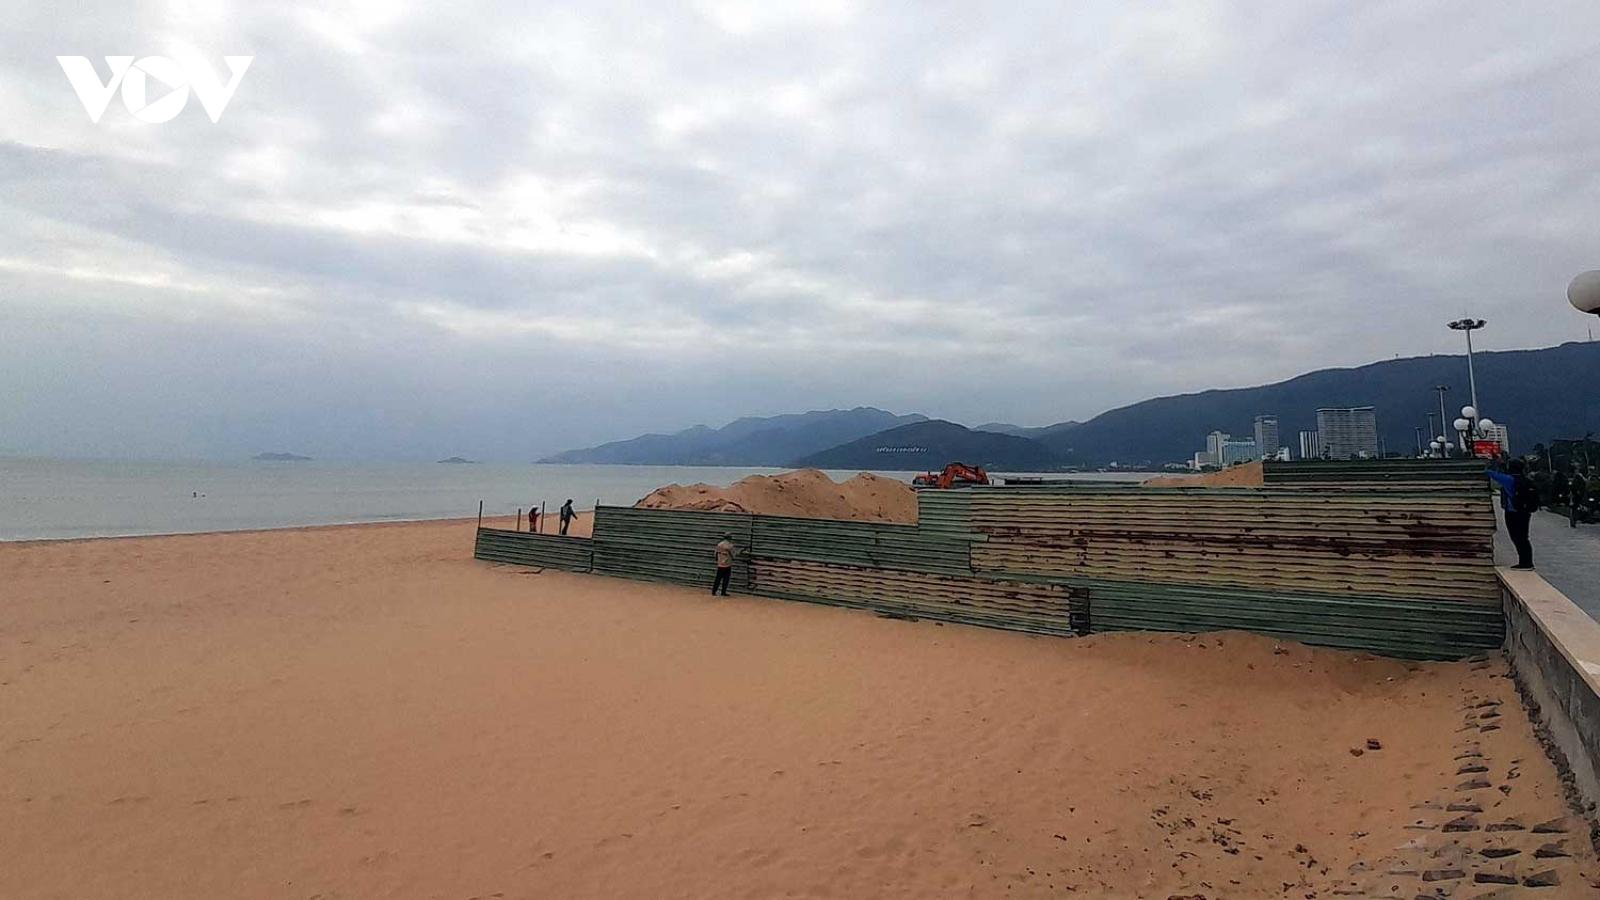 Dự án dịch vụ lấn chiếm bãi biển Quy Nhơn bị dừng thi công